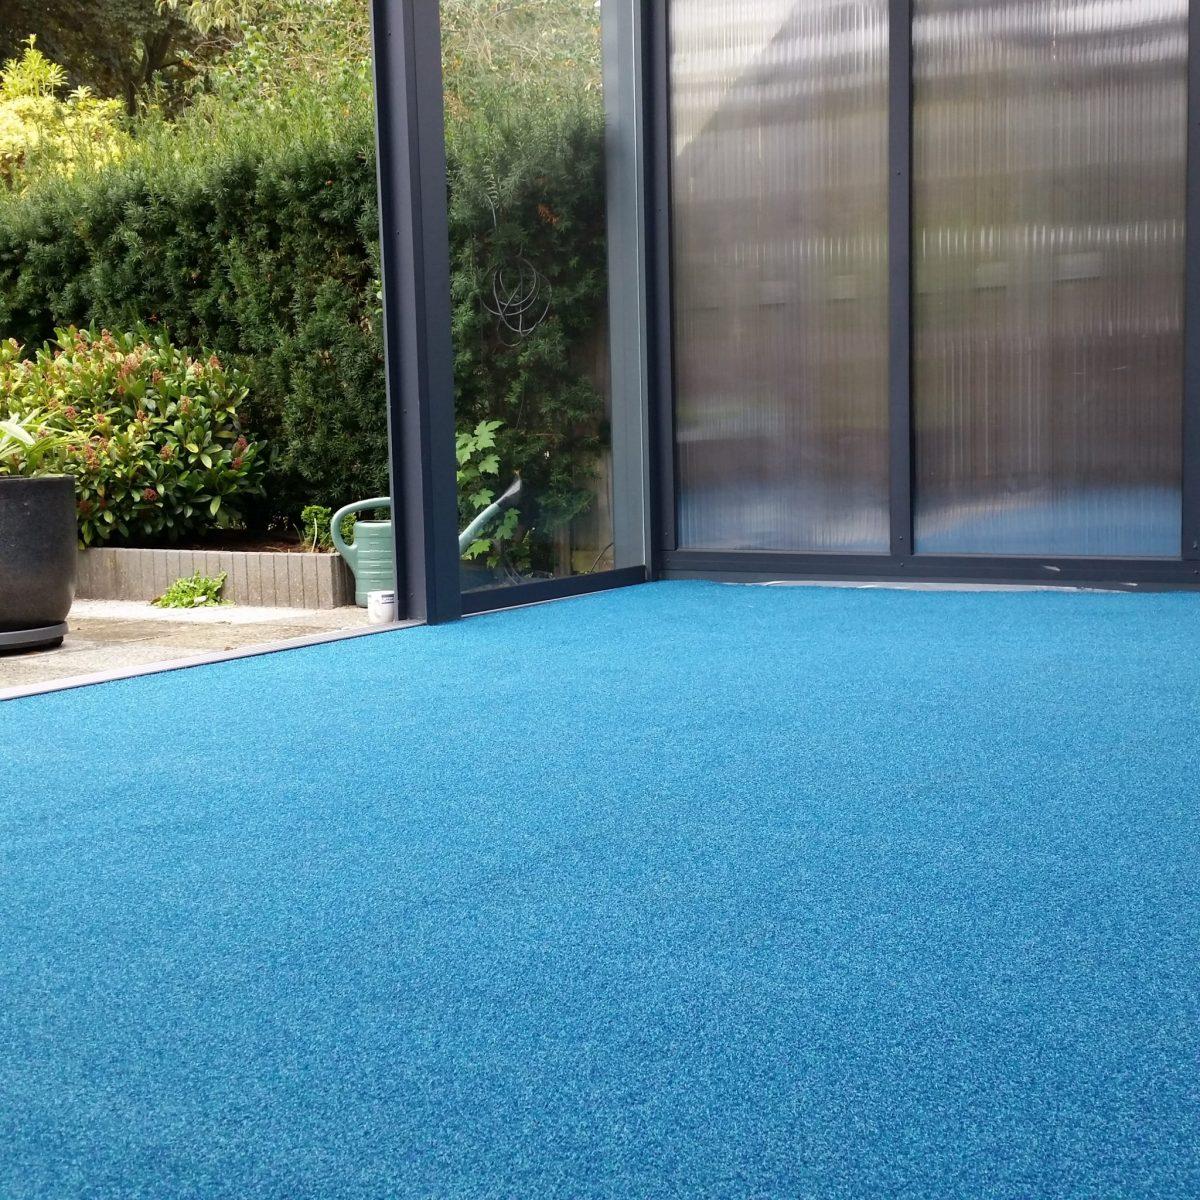 Buitentapijt wellness blauw foto 1